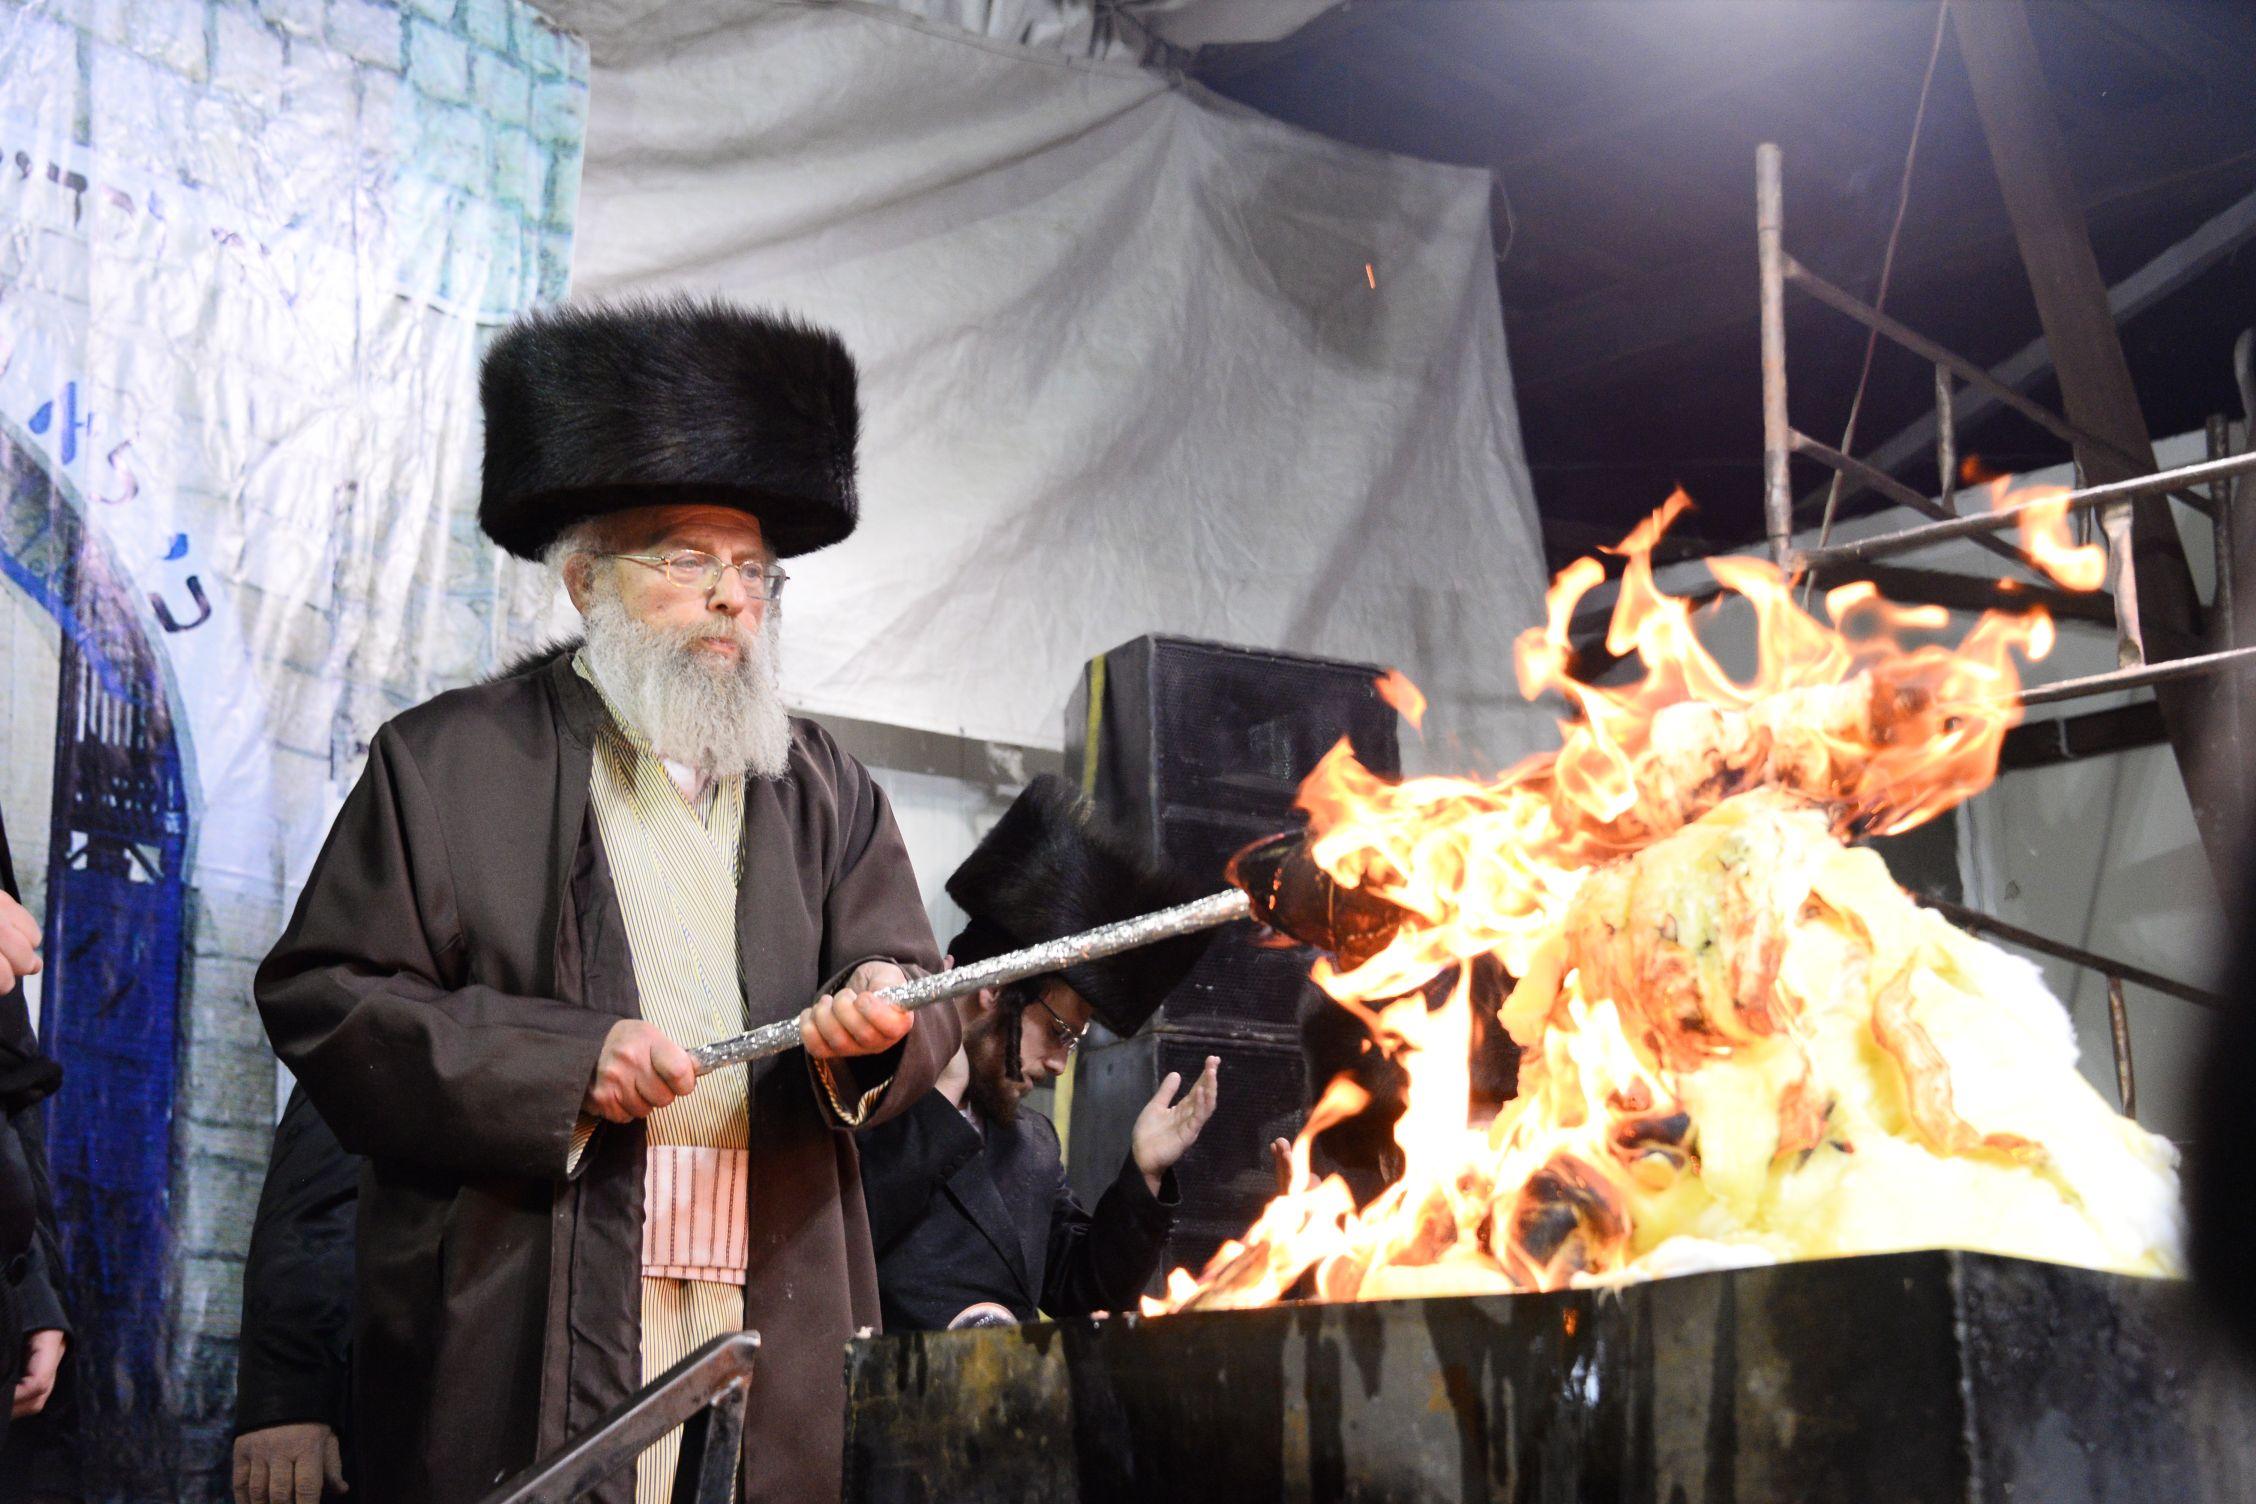 צפו בגלריה מרהיבה • להבות אש בפינסק קרלין